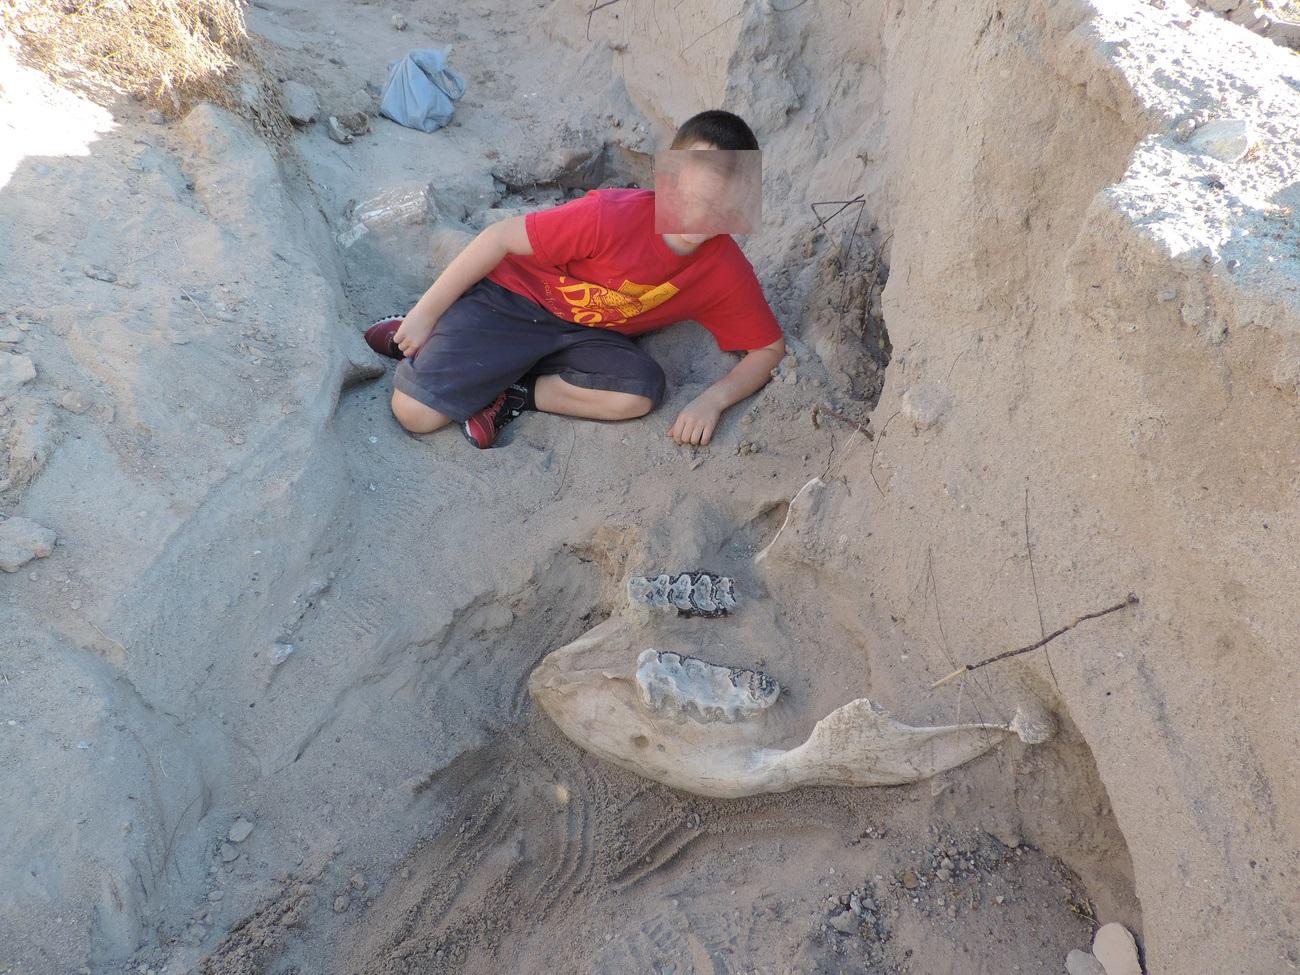 Nuovo Messico, fossile di un milione di anni fa scoperto per caso da bimbo di 9 anni